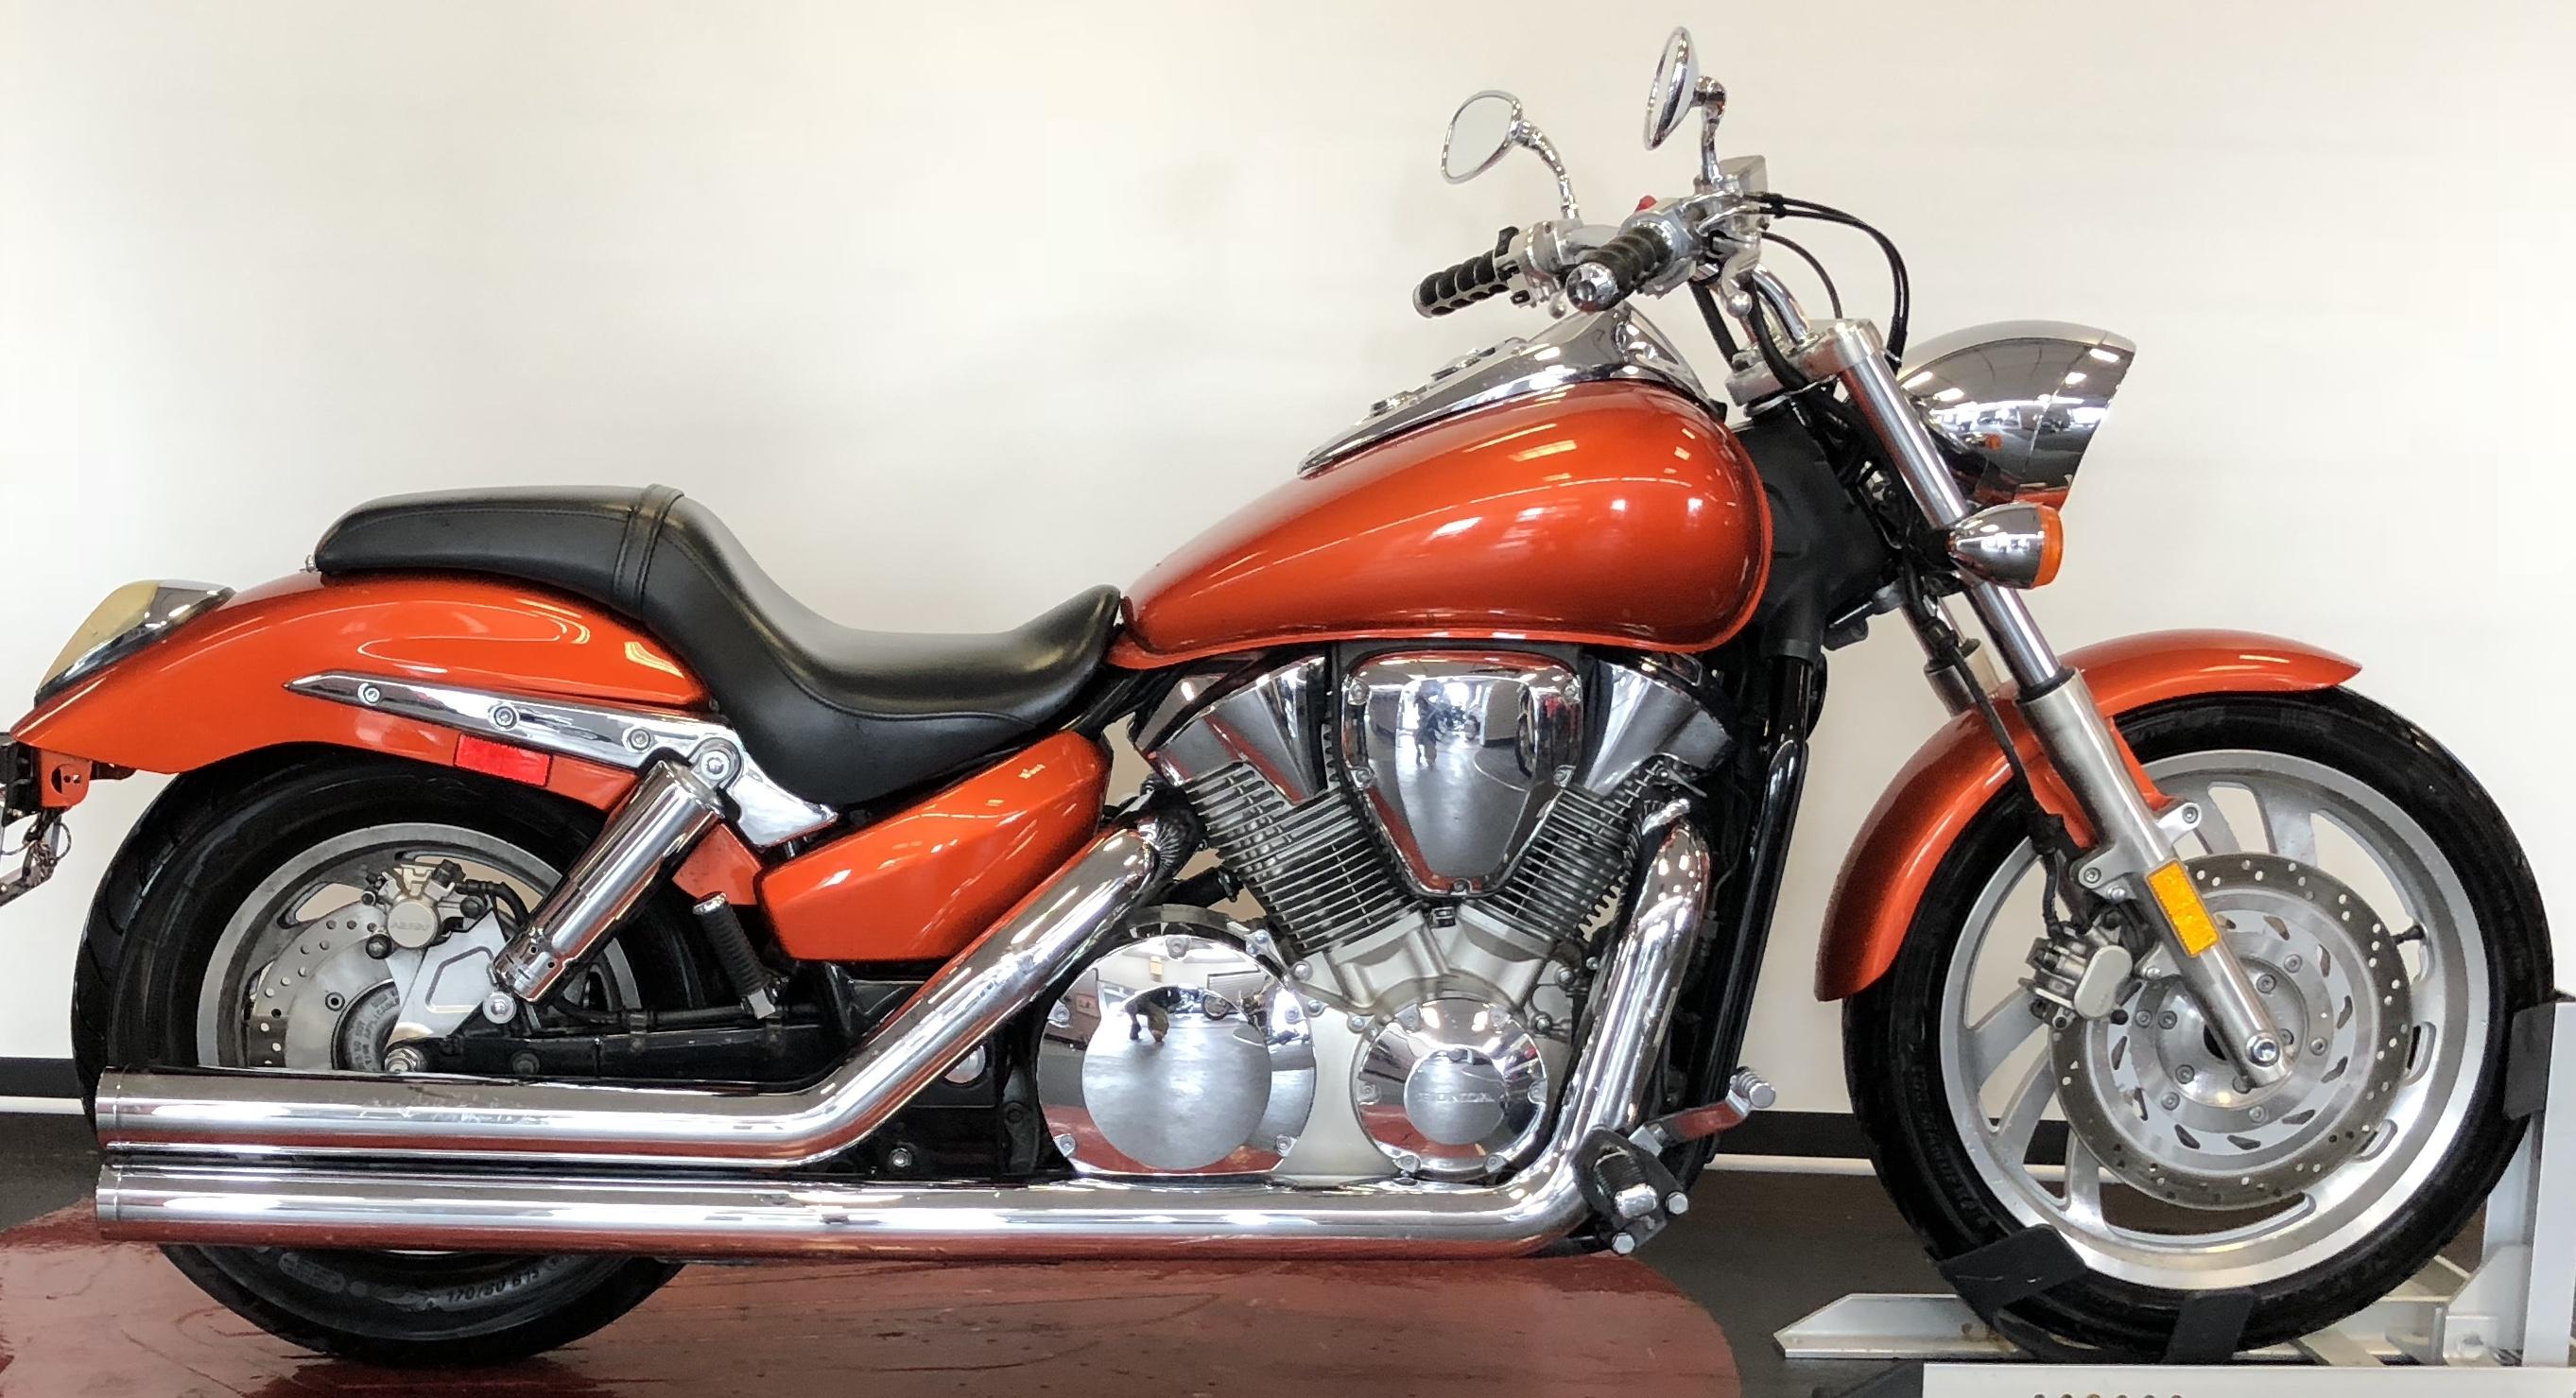 Mason City Honda 2006 50cc Dirt Bike Used Vtx1300c